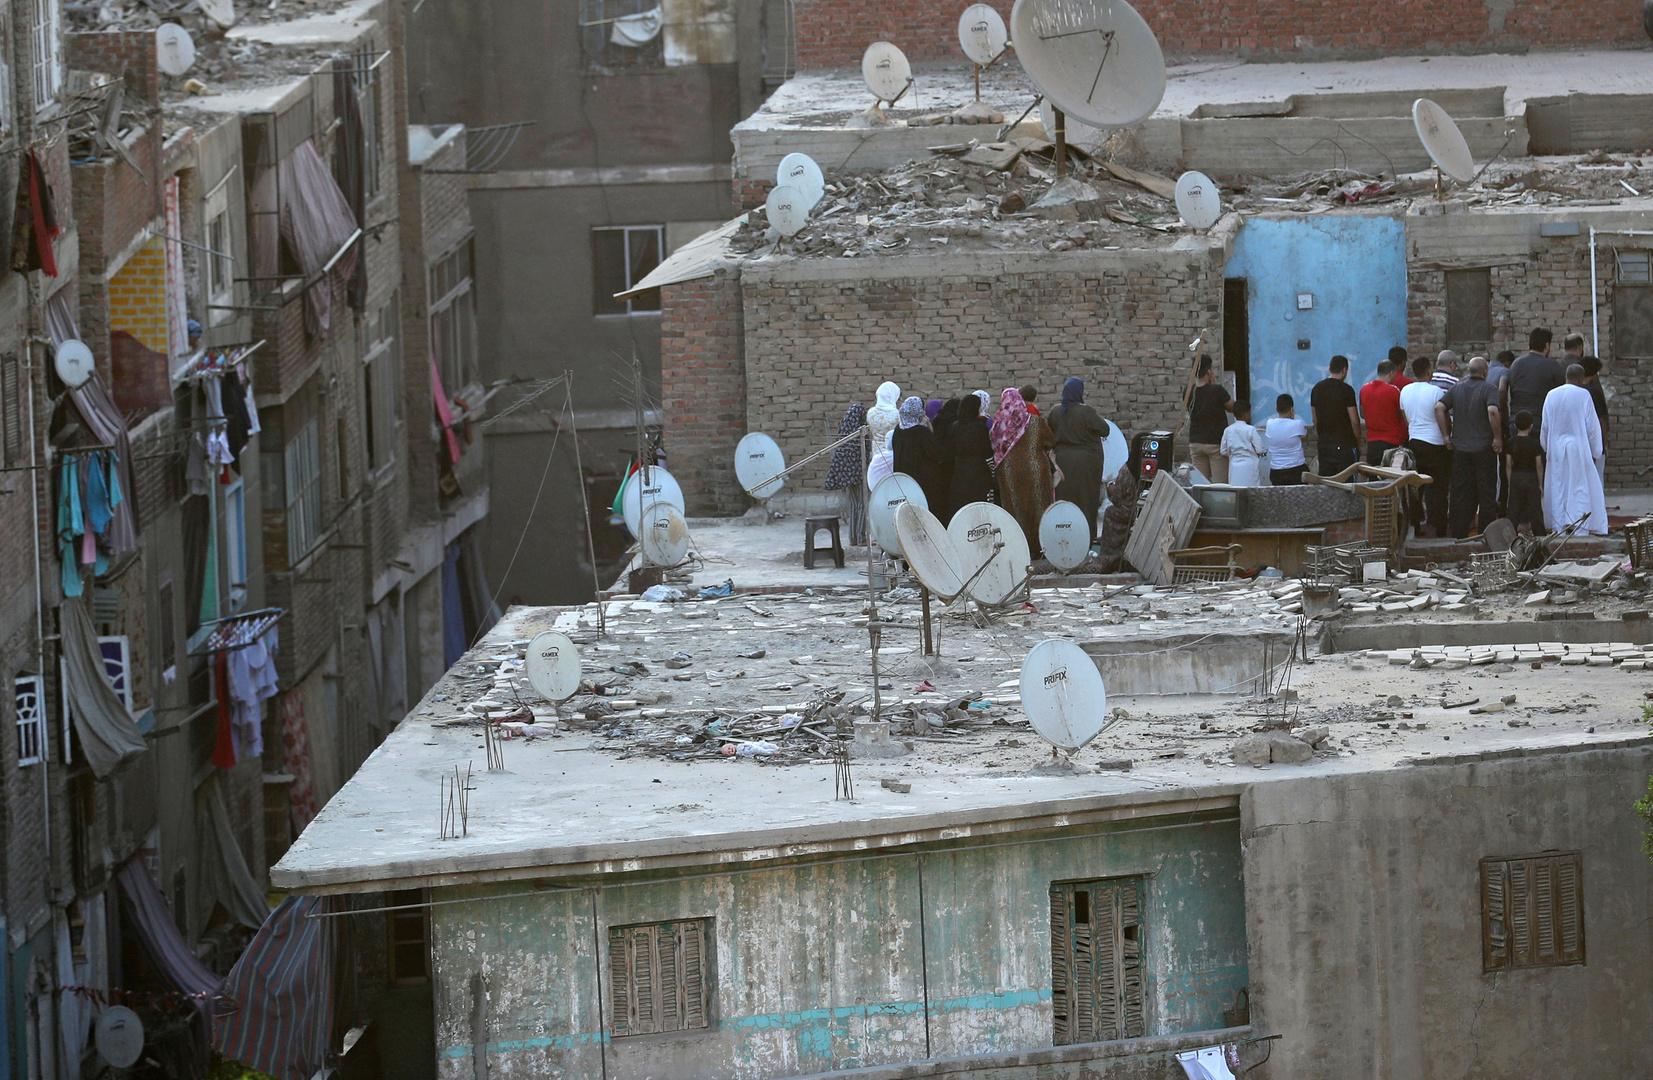 جريمة بشعة في مصر.. مدمنون يمزقون جسد